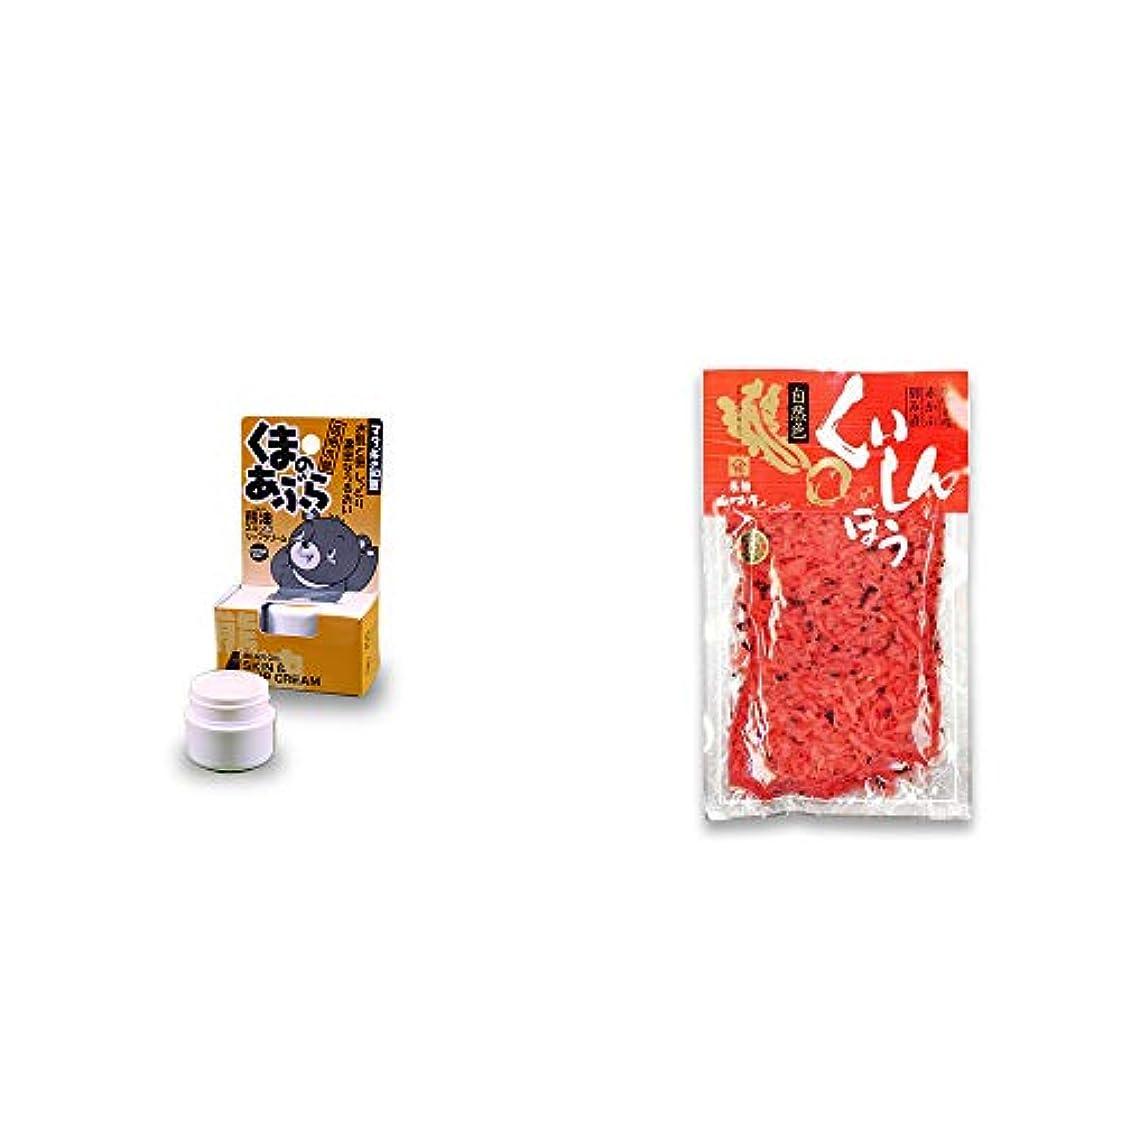 早くつかまえる系統的[2点セット] 信州木曽 くまのあぶら 熊油スキン&リップクリーム(9g)?飛騨山味屋 くいしんぼう【大】(260g) [赤かぶ刻み漬け]